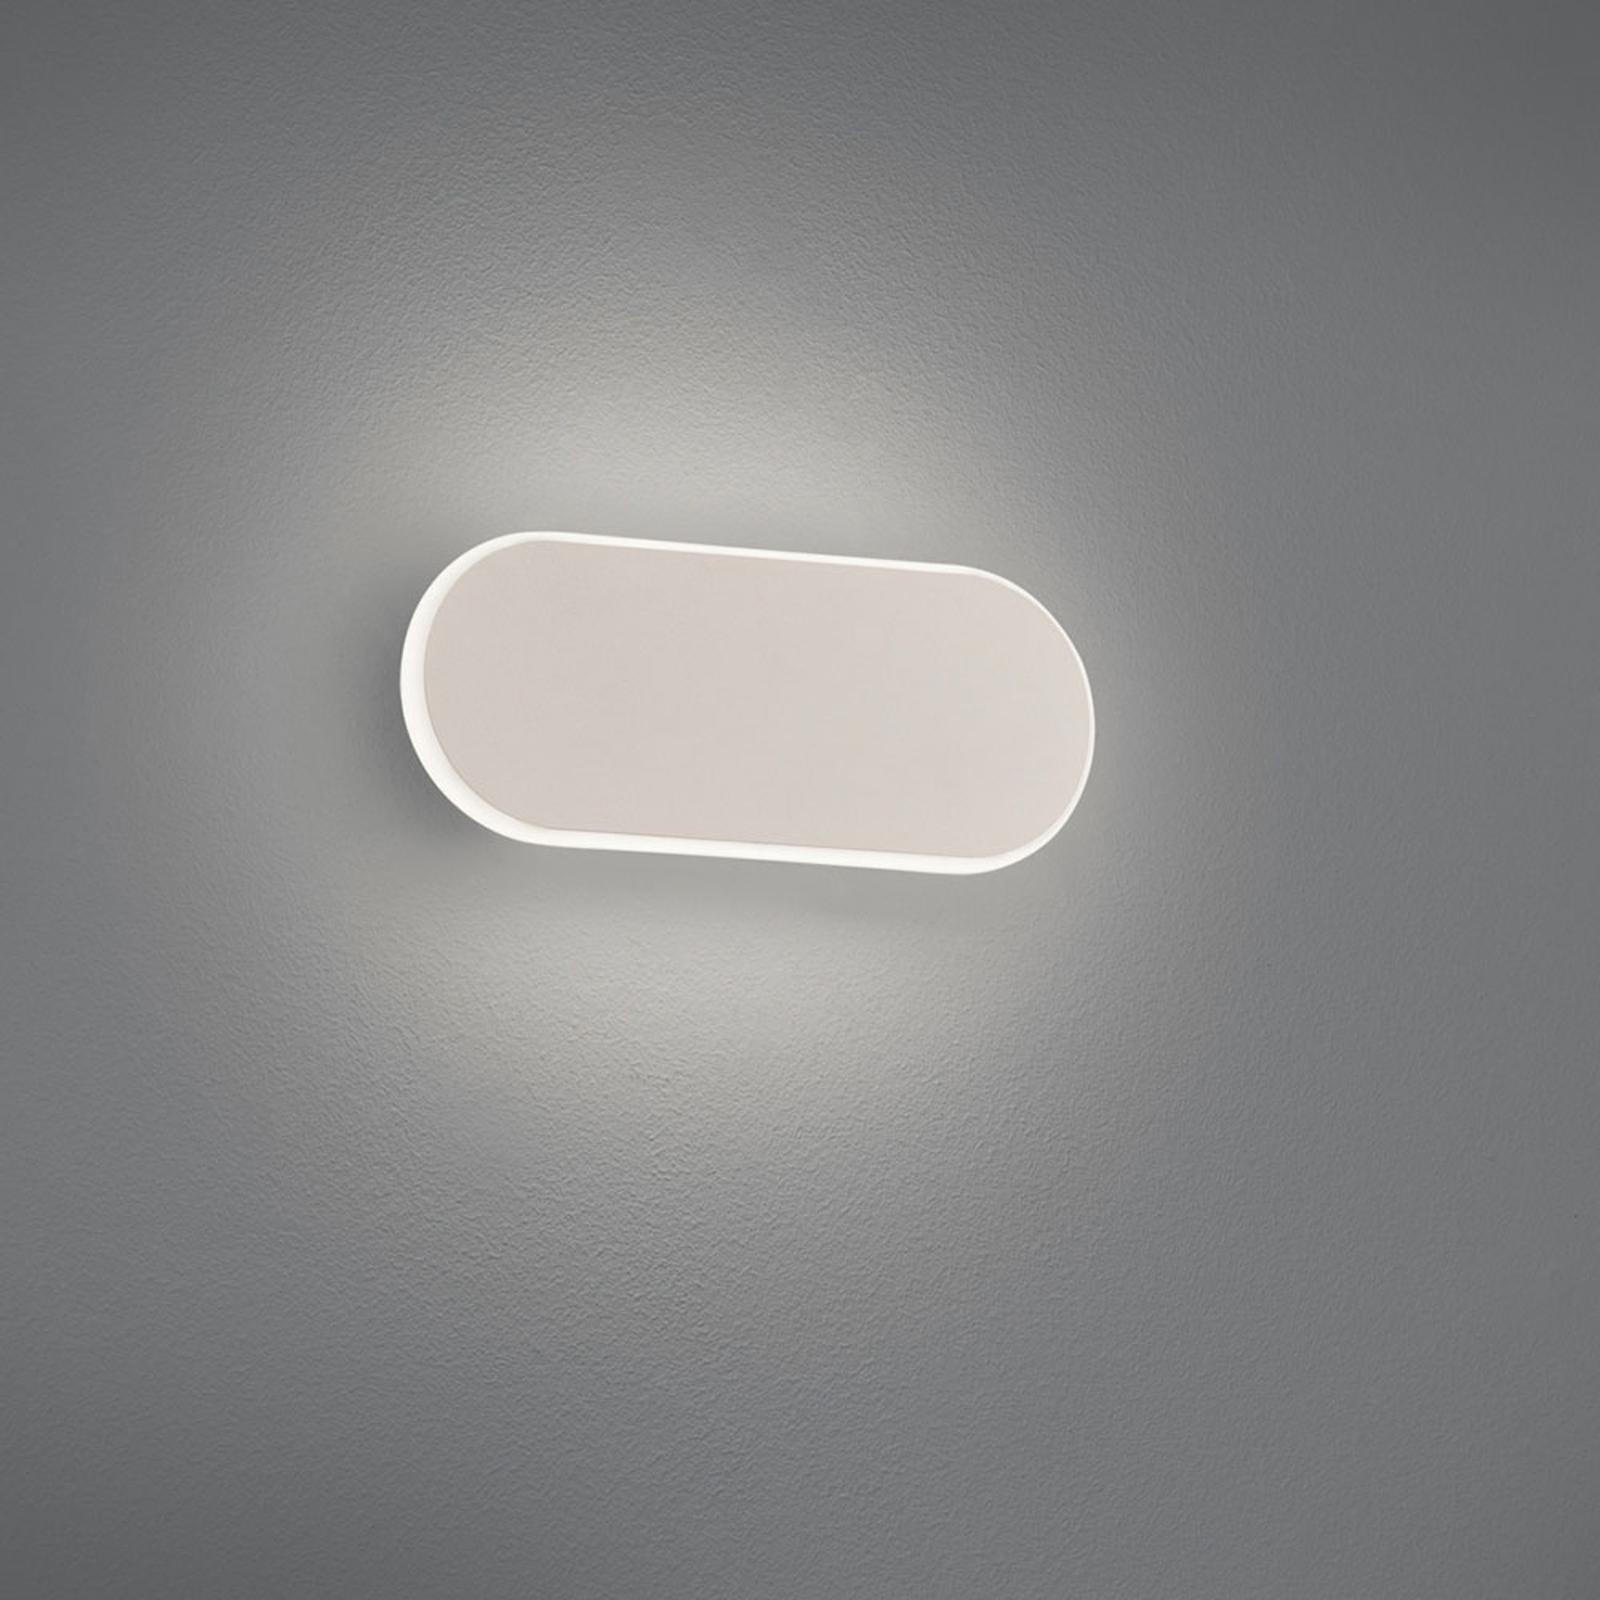 LED-seinävalo Carlo, Switchdim, 20 cm, valkoinen